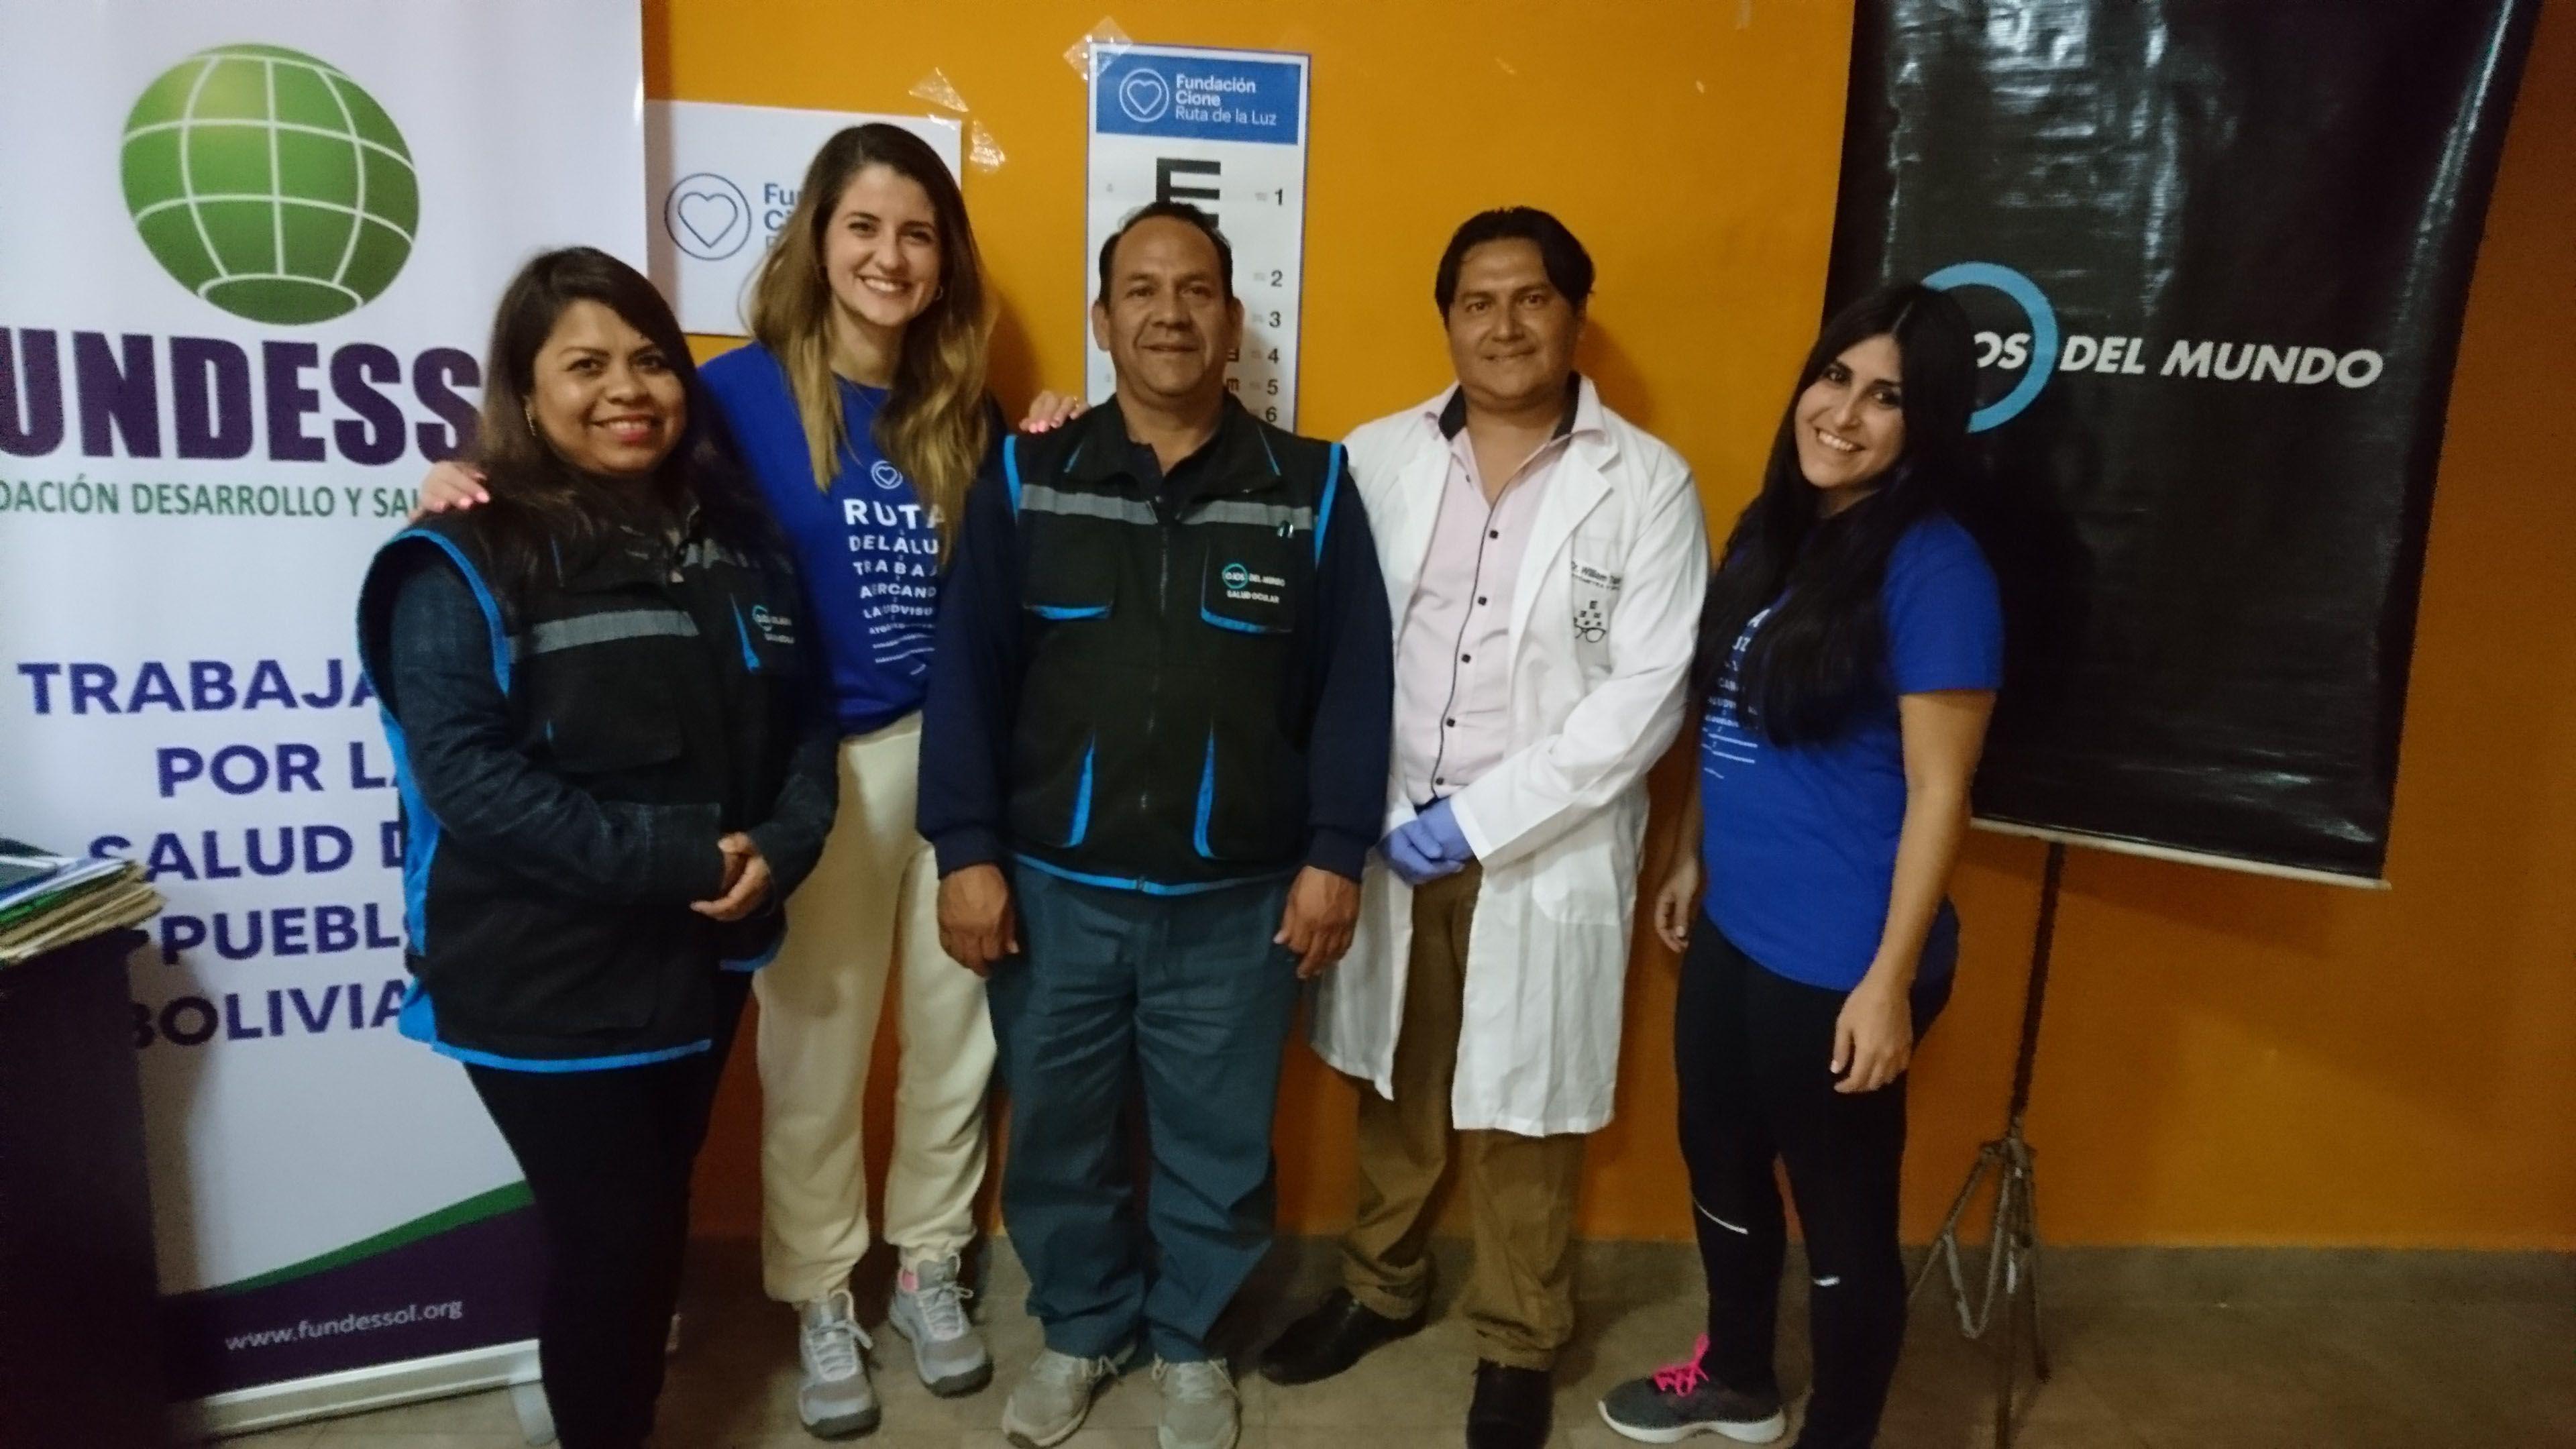 La Fundación Cione Ruta de la Luz vuelve a Bolivia